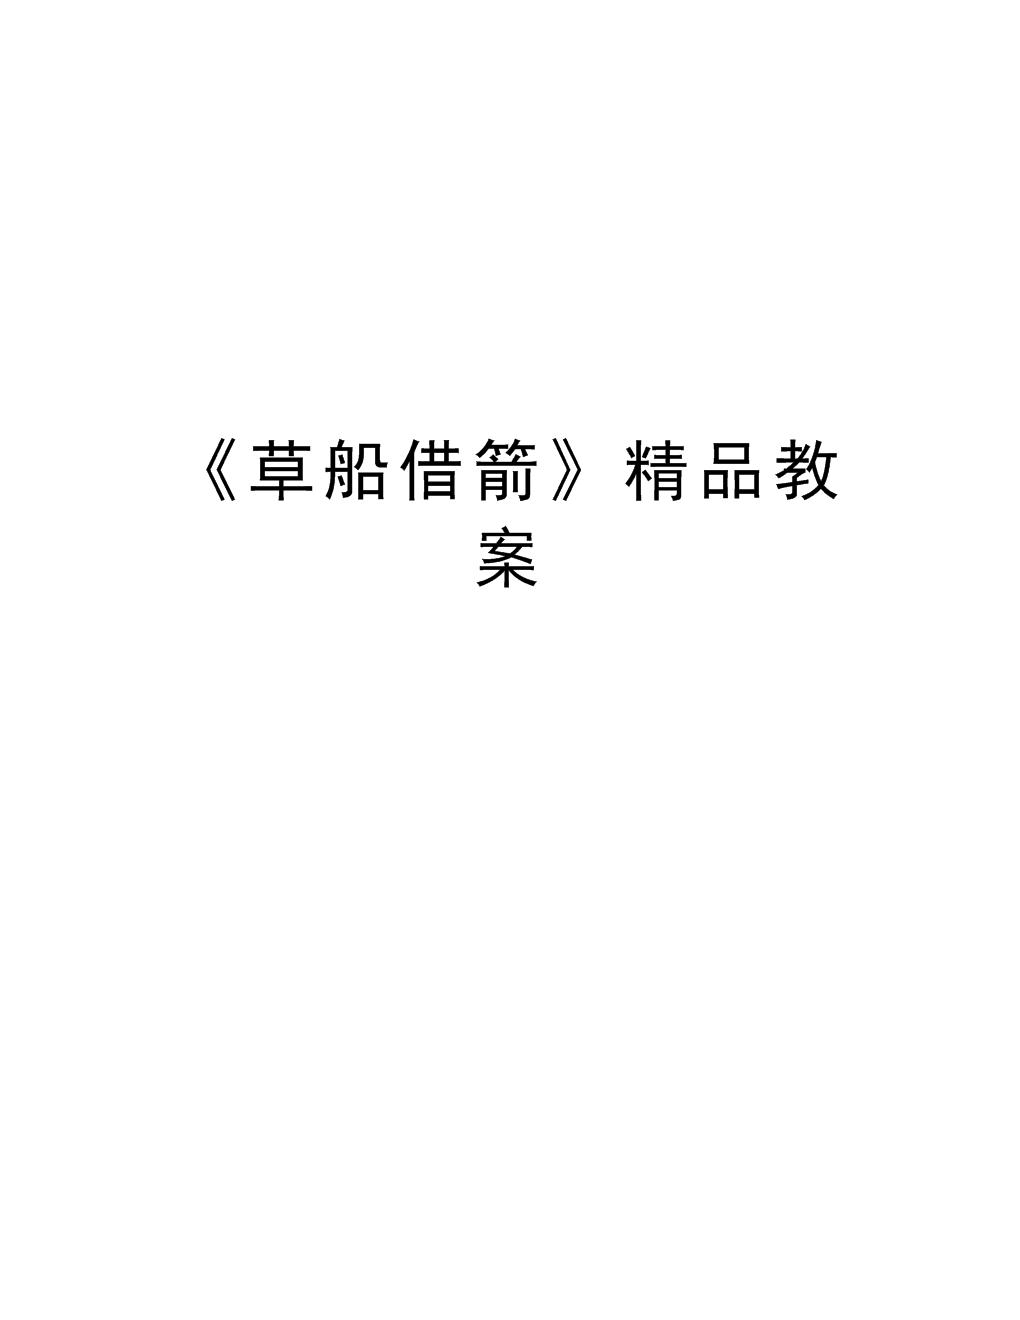 《草船借箭》精品教案演示教学.doc